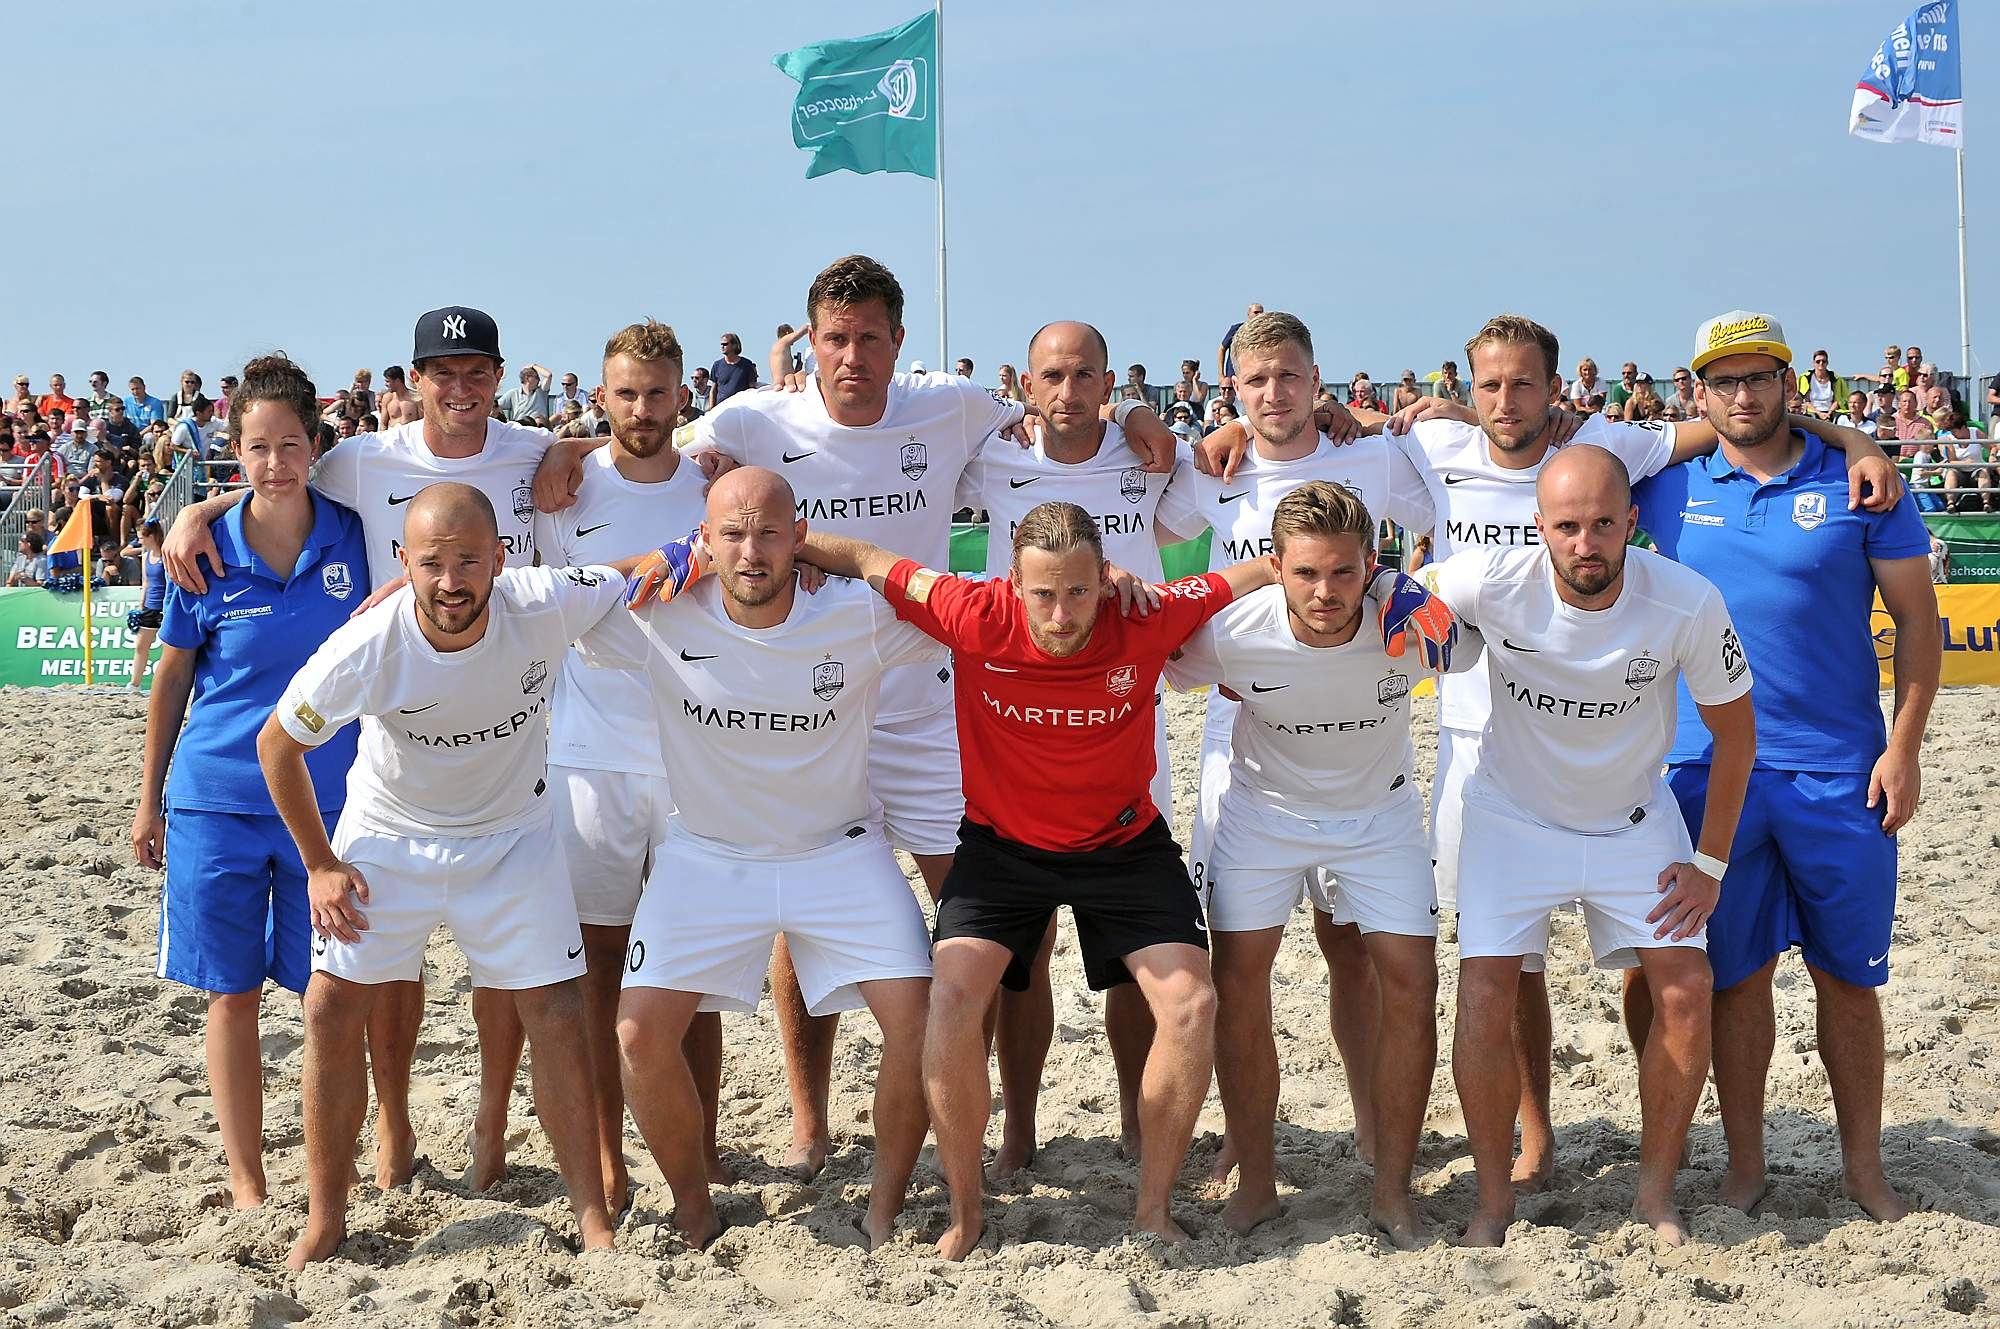 Rostocker Robben vor dem Finale der Deutschen Beachsoccer-Meisterschaft in Warnemünde. Foto: Joachim Kloock